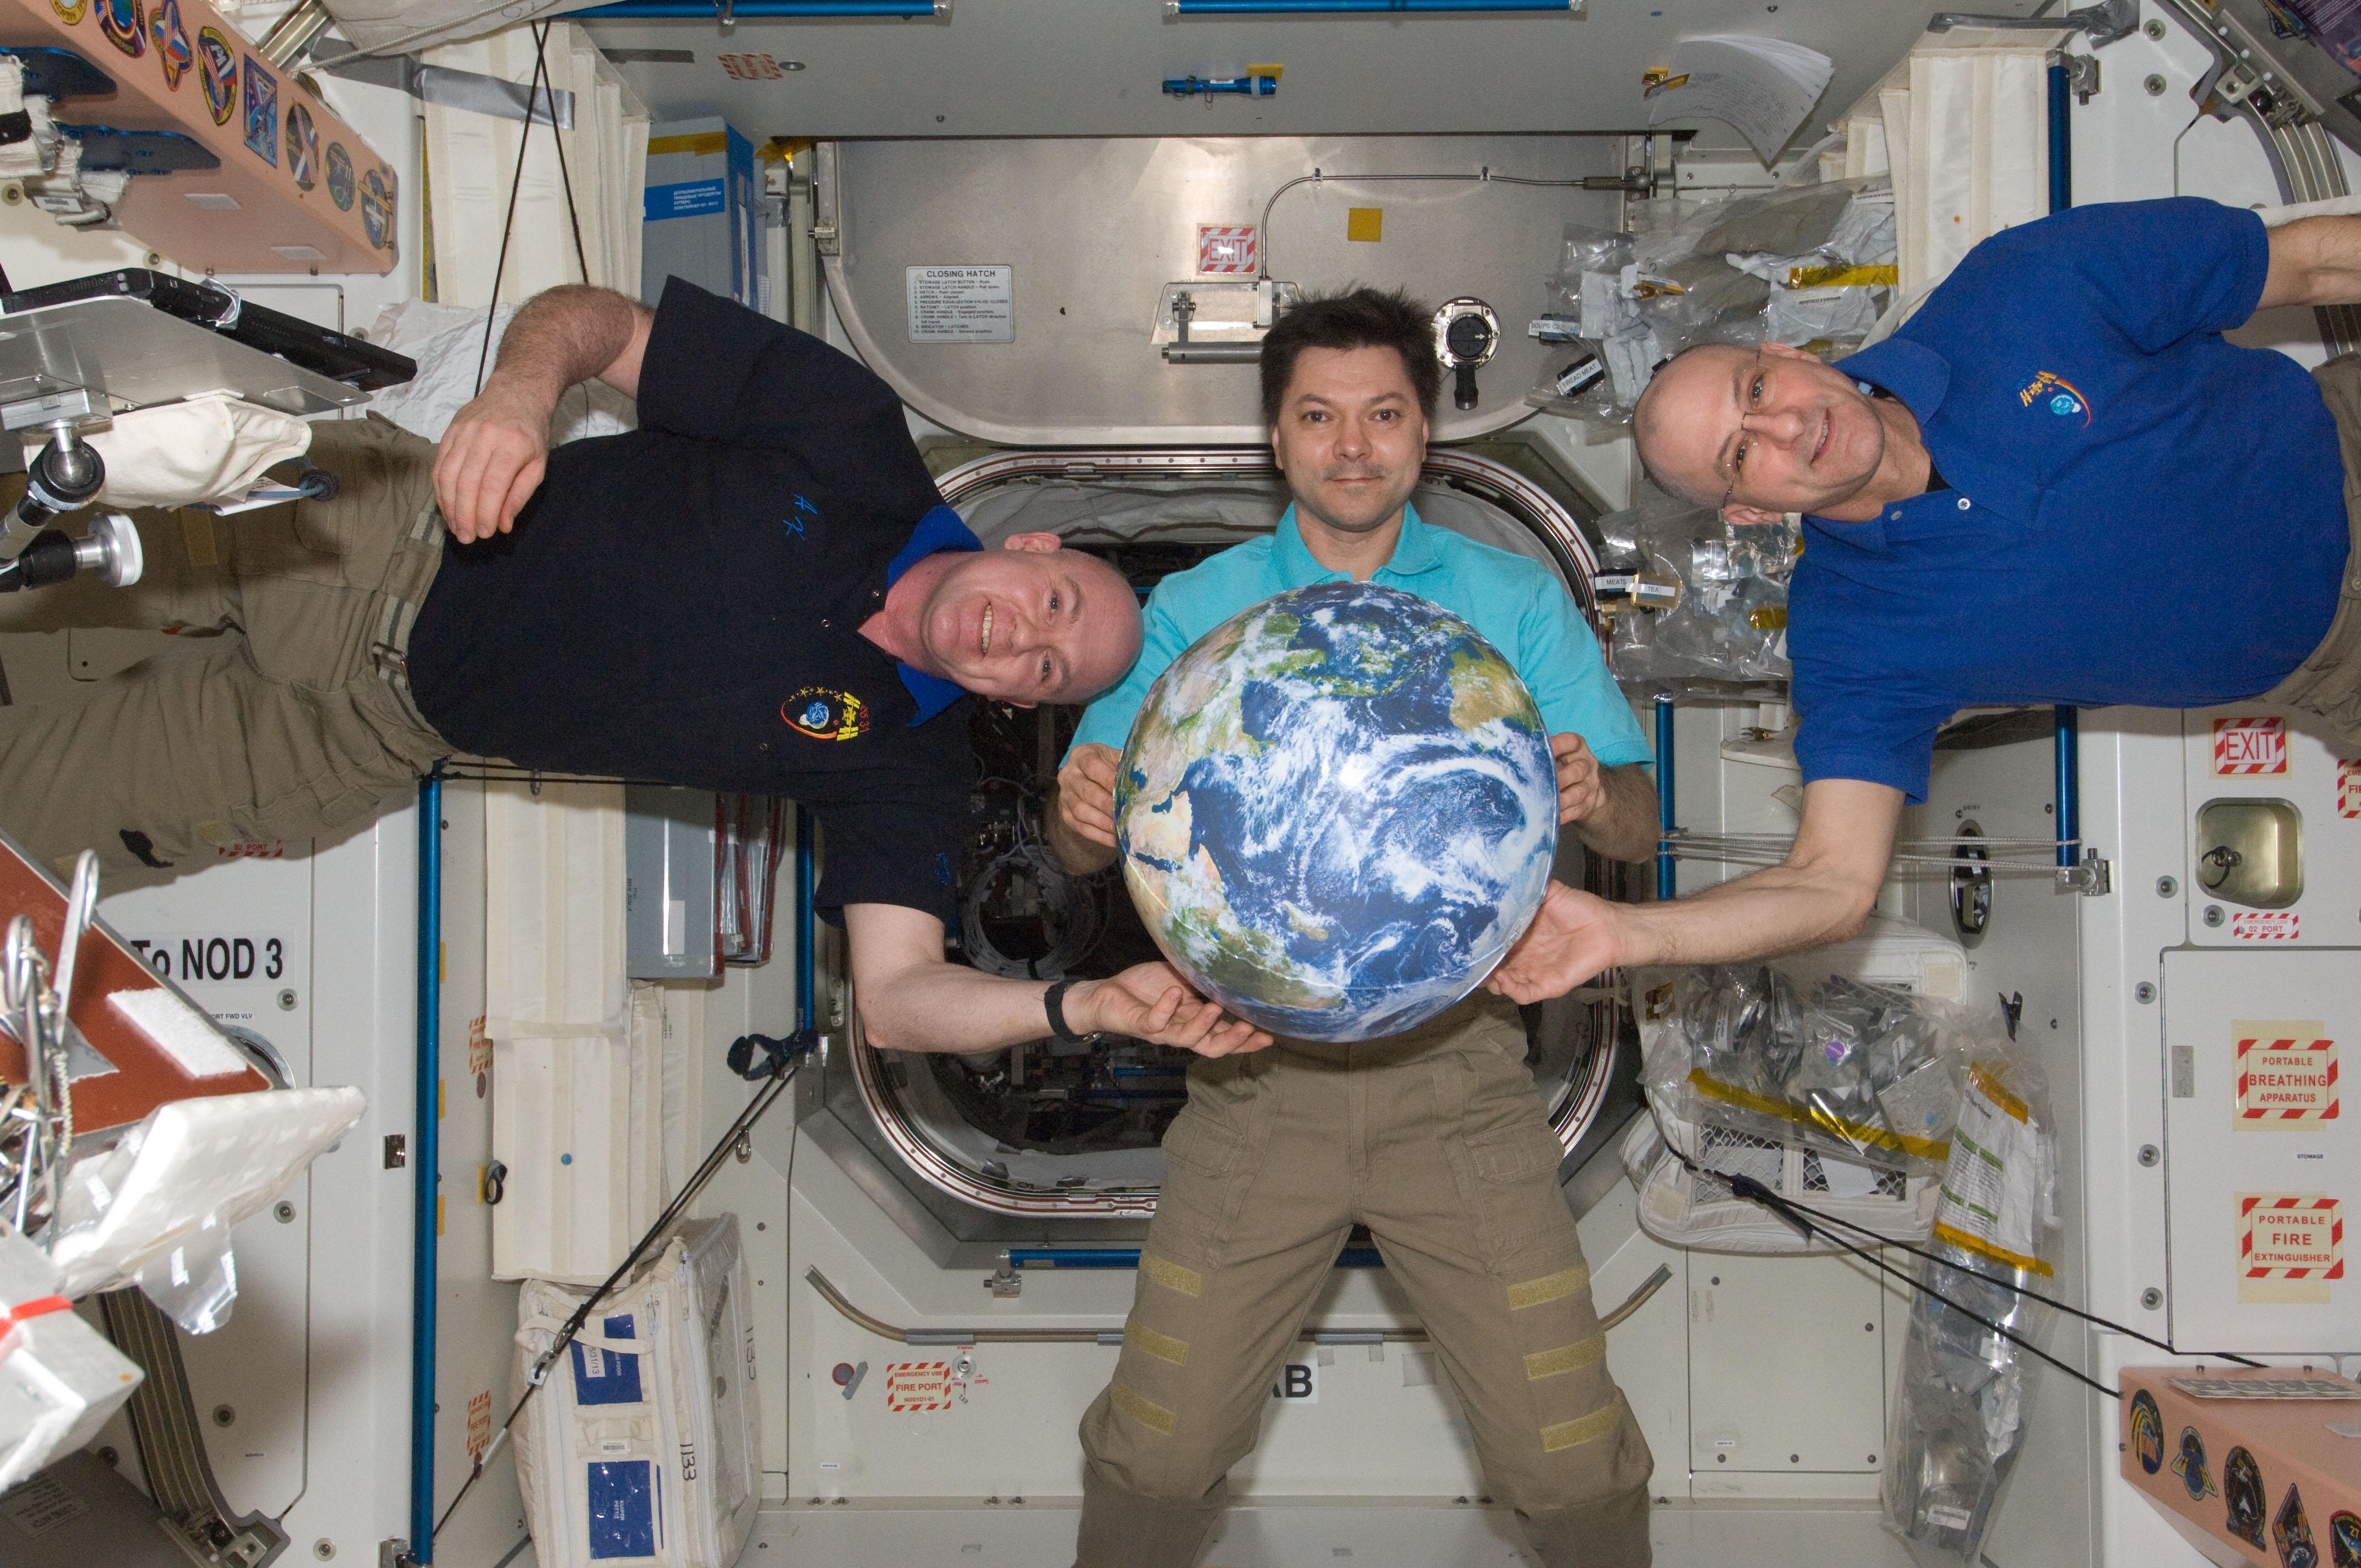 Crew with Globe